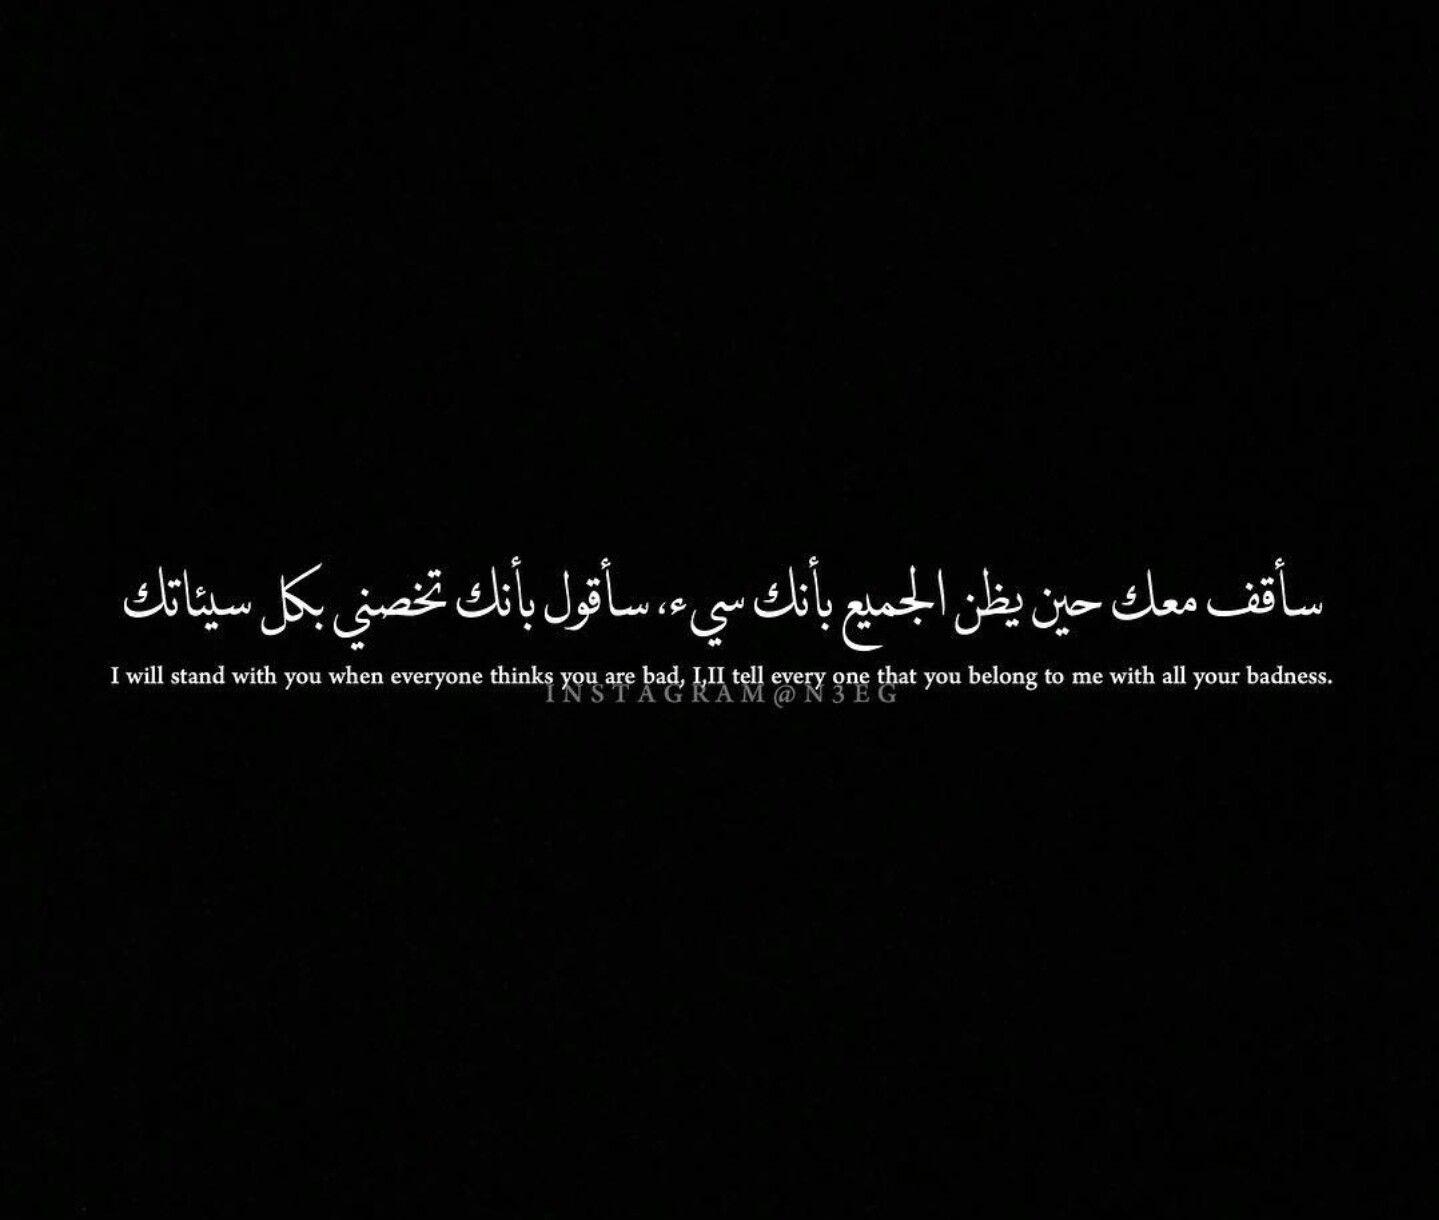 Liebessprüche arabische Romantische Sprüche